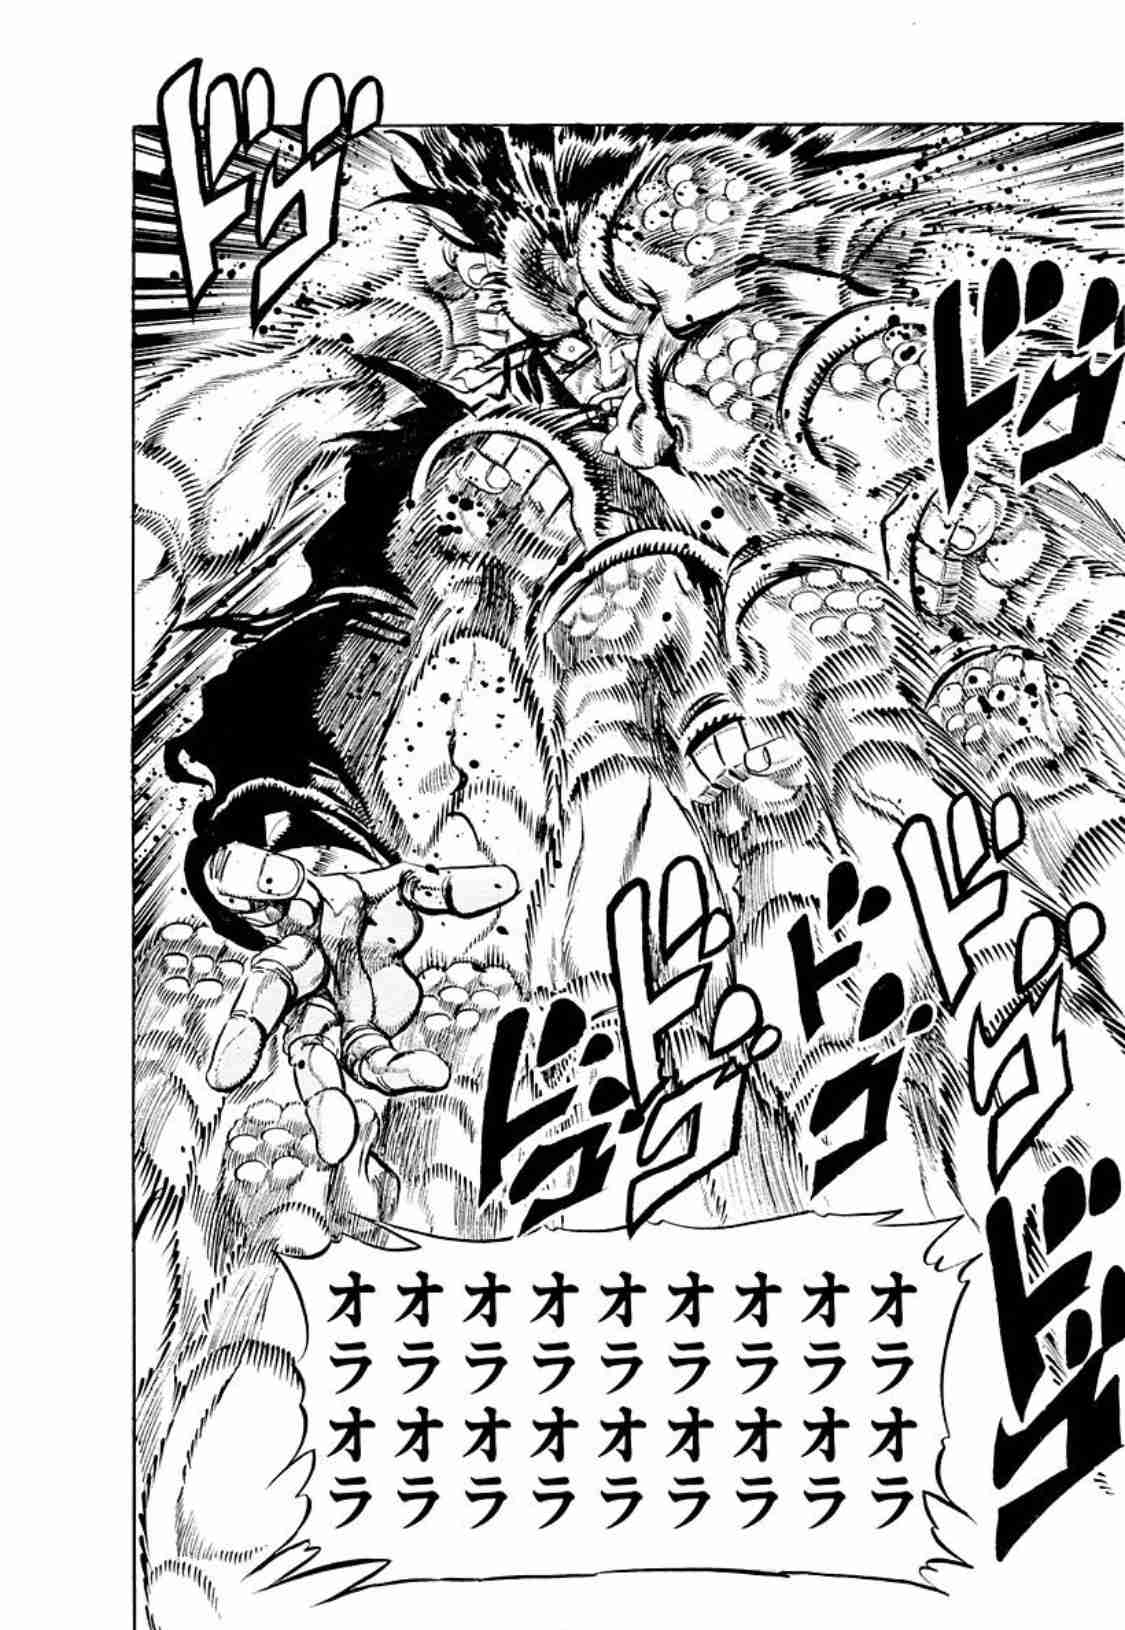 山﨑賢人『ジョジョ』原作ファンが猛反発でガラガラ空席祭りの惨状